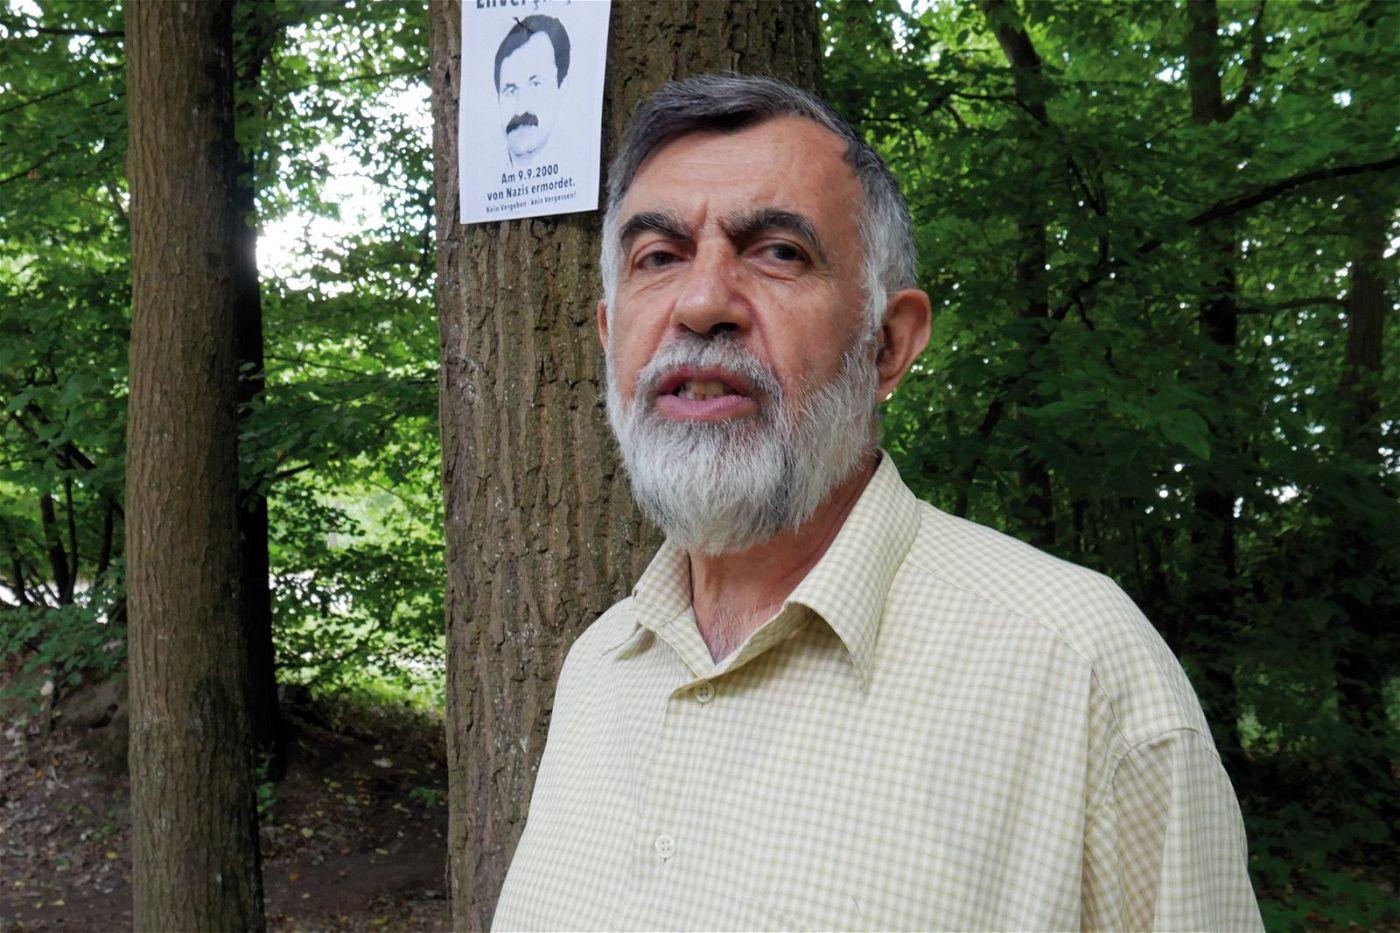 Ali Toy war Mitarbeiter im Blumenhandel des ersten NSU-Opfers Enver Şimşek. Am Tag von dessen Ermordung hätte er eigentlich Blumen am Straßenrand, der zum Tatort wurde, verkaufen sollen. Seitdem gedenkt Ali Toy seinem ehemaligen Chef und pflegt den Tatort - unter anderem mit neu gepflanzten Bäumen.